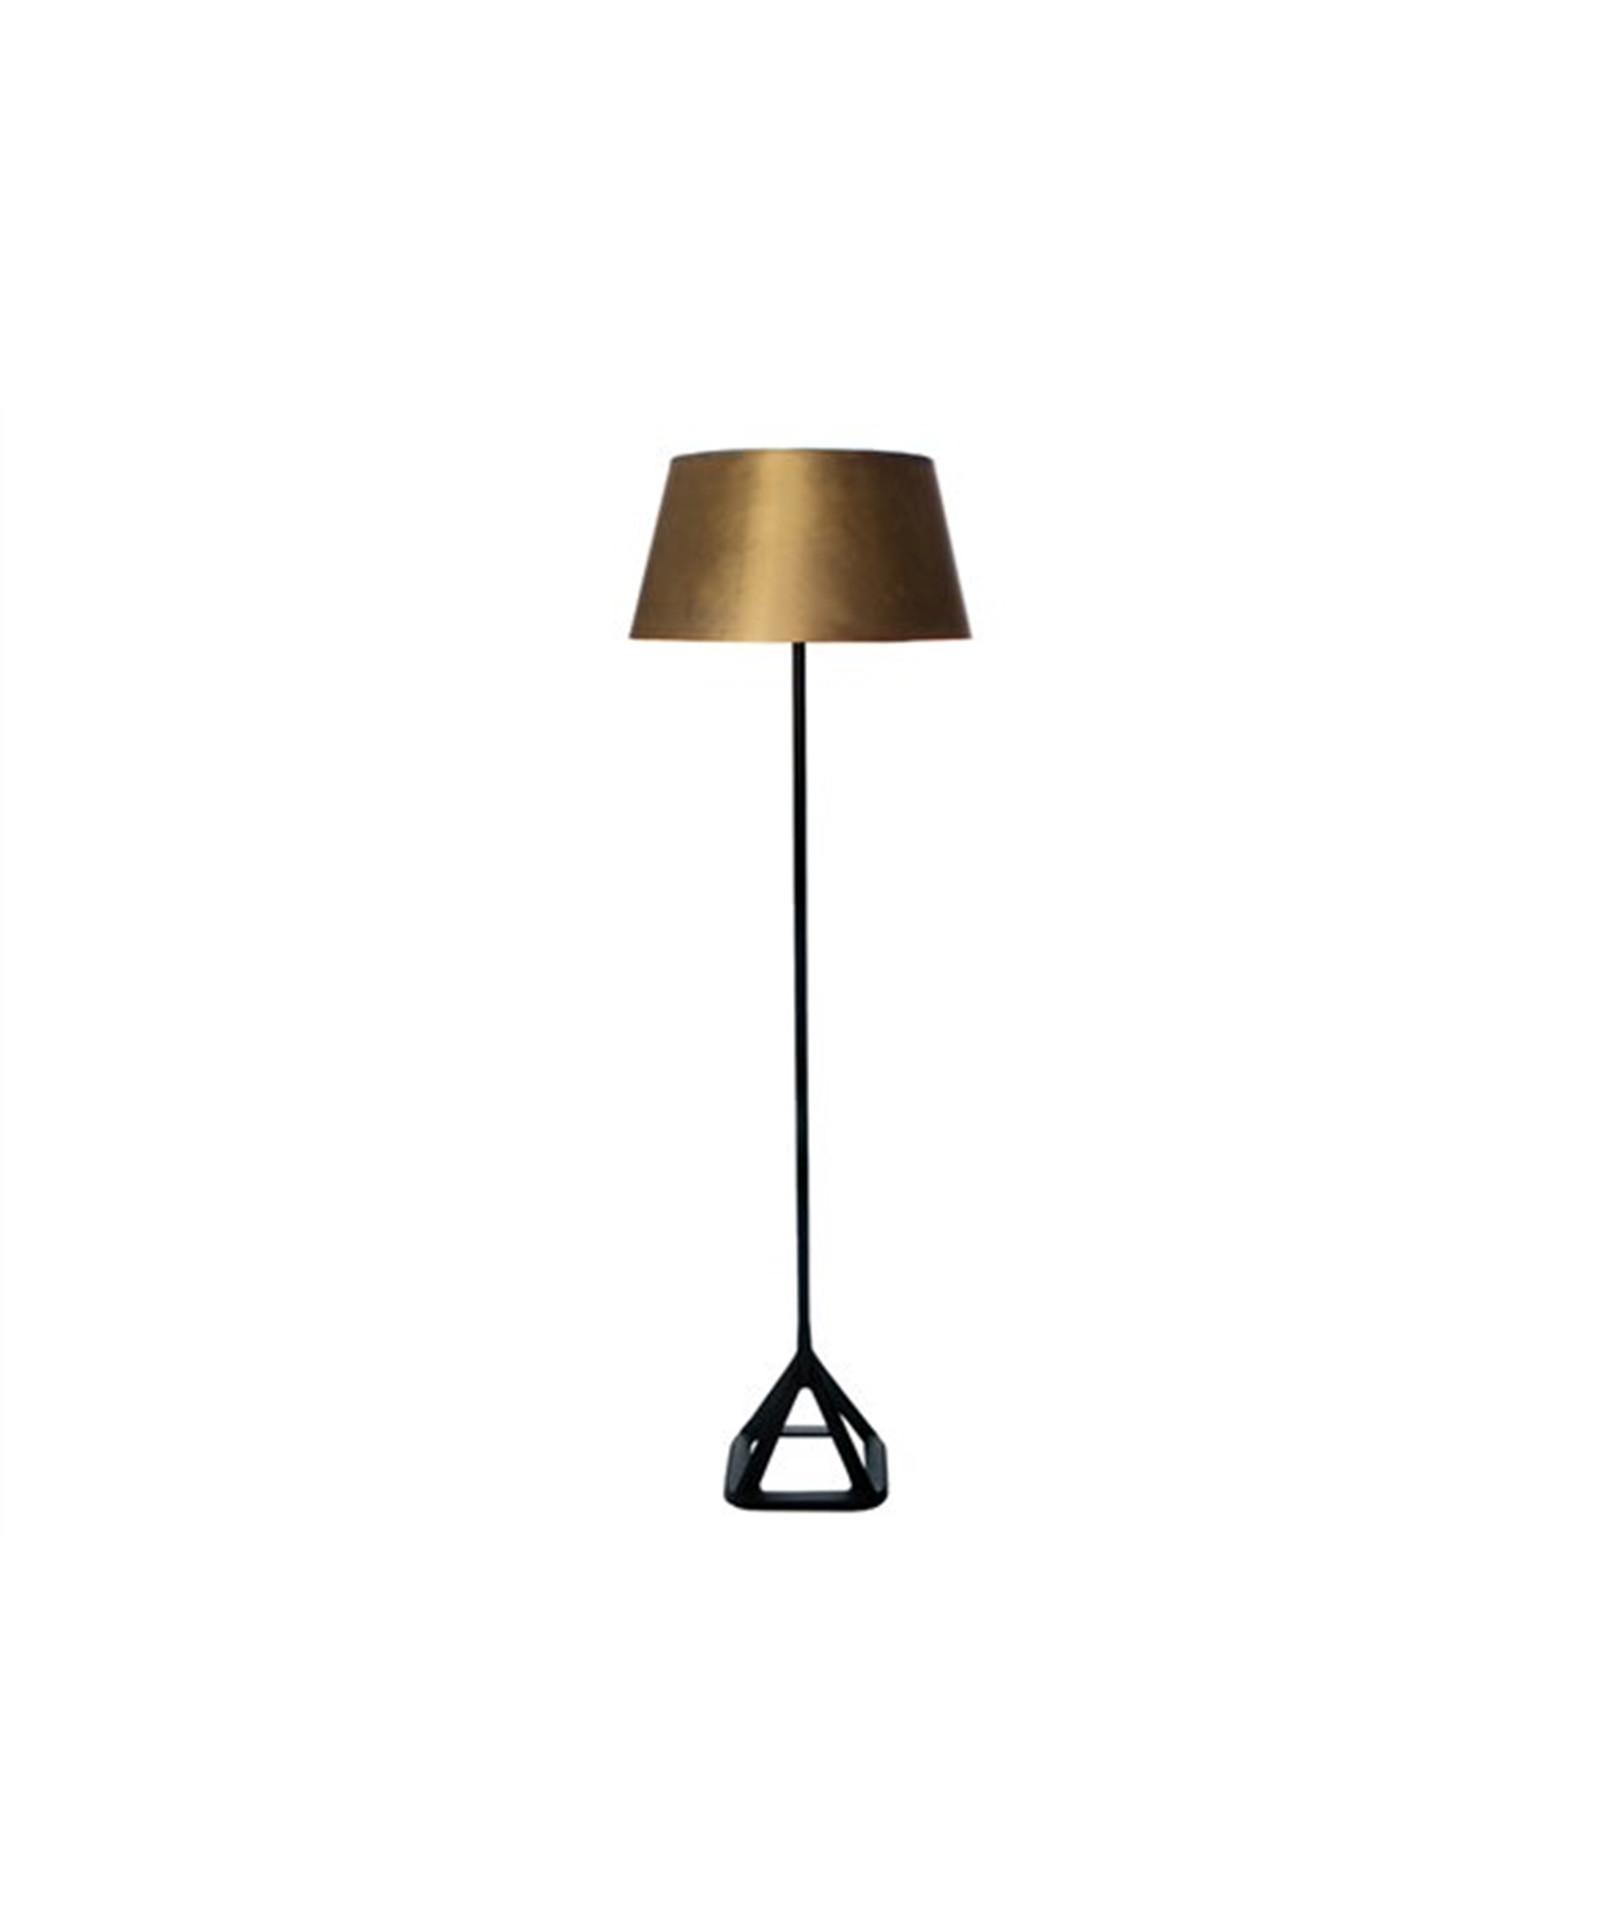 base light messing stehleuchte tom dixon. Black Bedroom Furniture Sets. Home Design Ideas